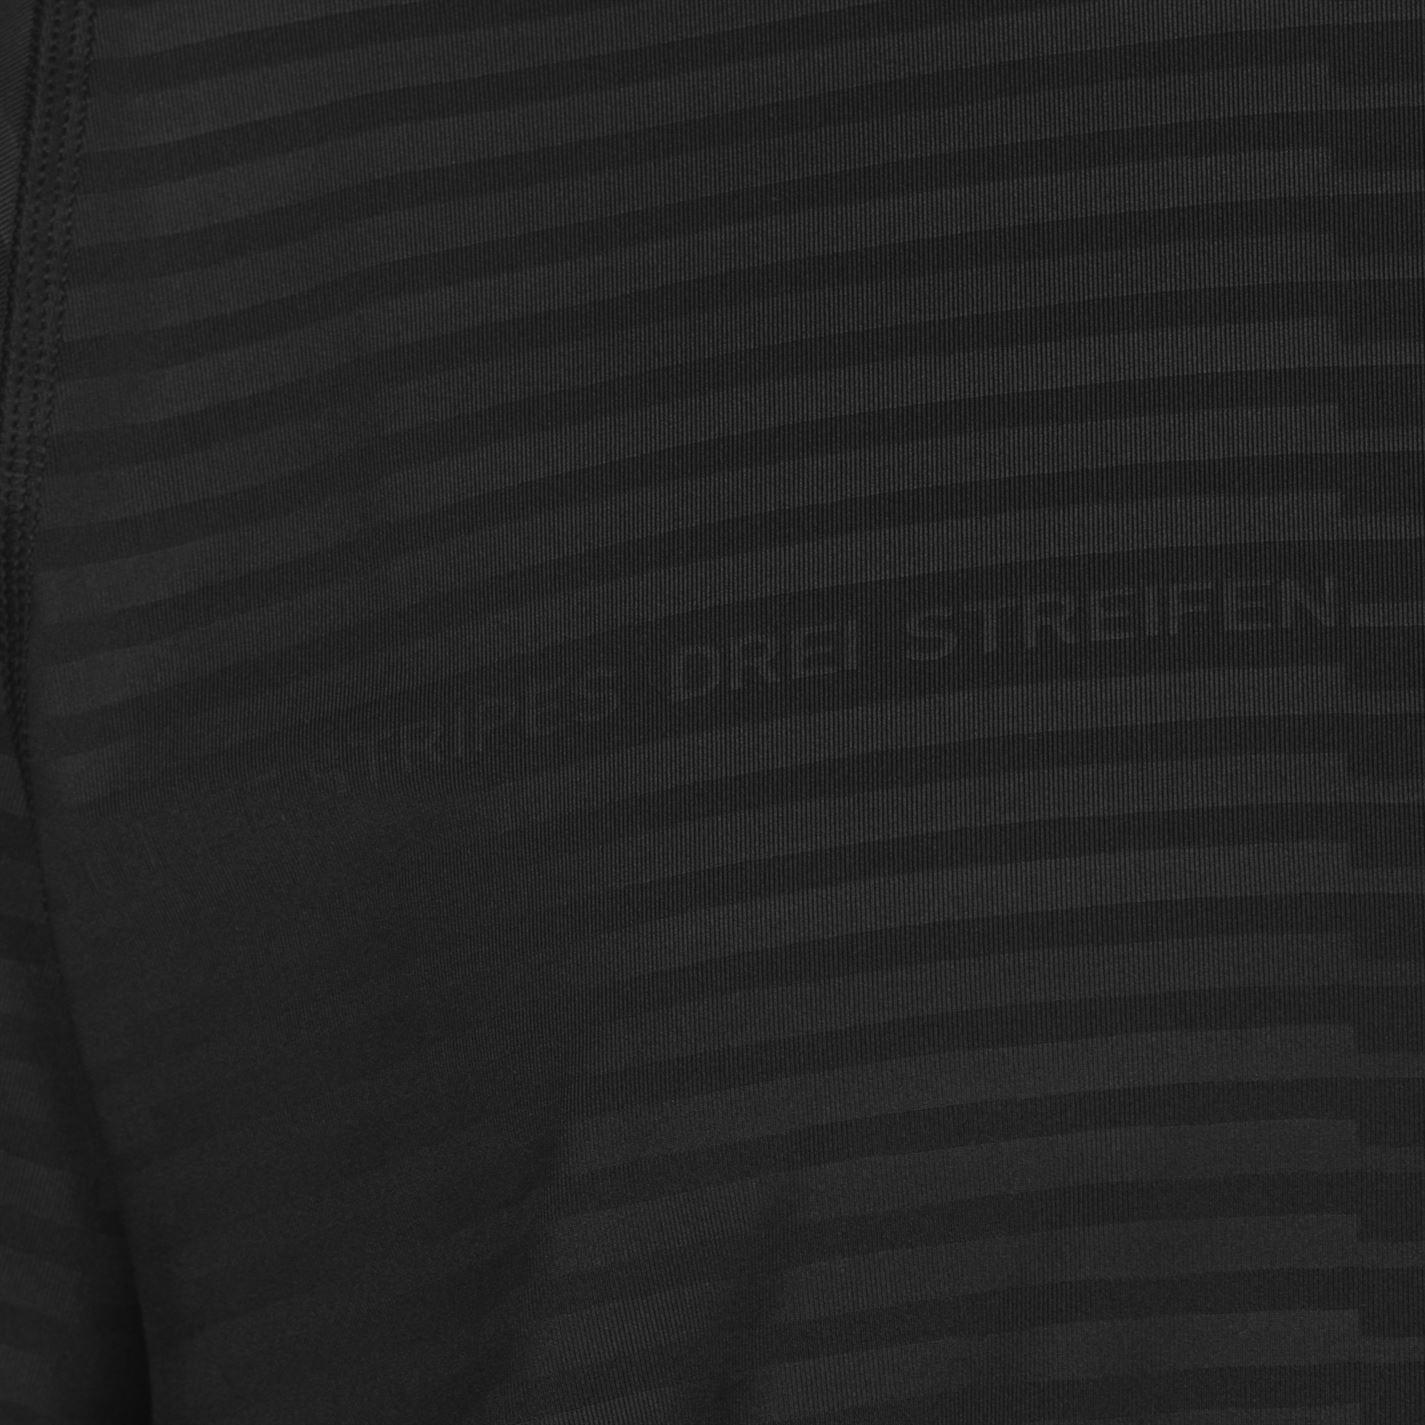 100% genuino Estados Unidos Tener cuidado de Detalles de Adidas Freelift 360 Gráfico Camiseta Hombre Negro en Forma  Activewear Pequeño